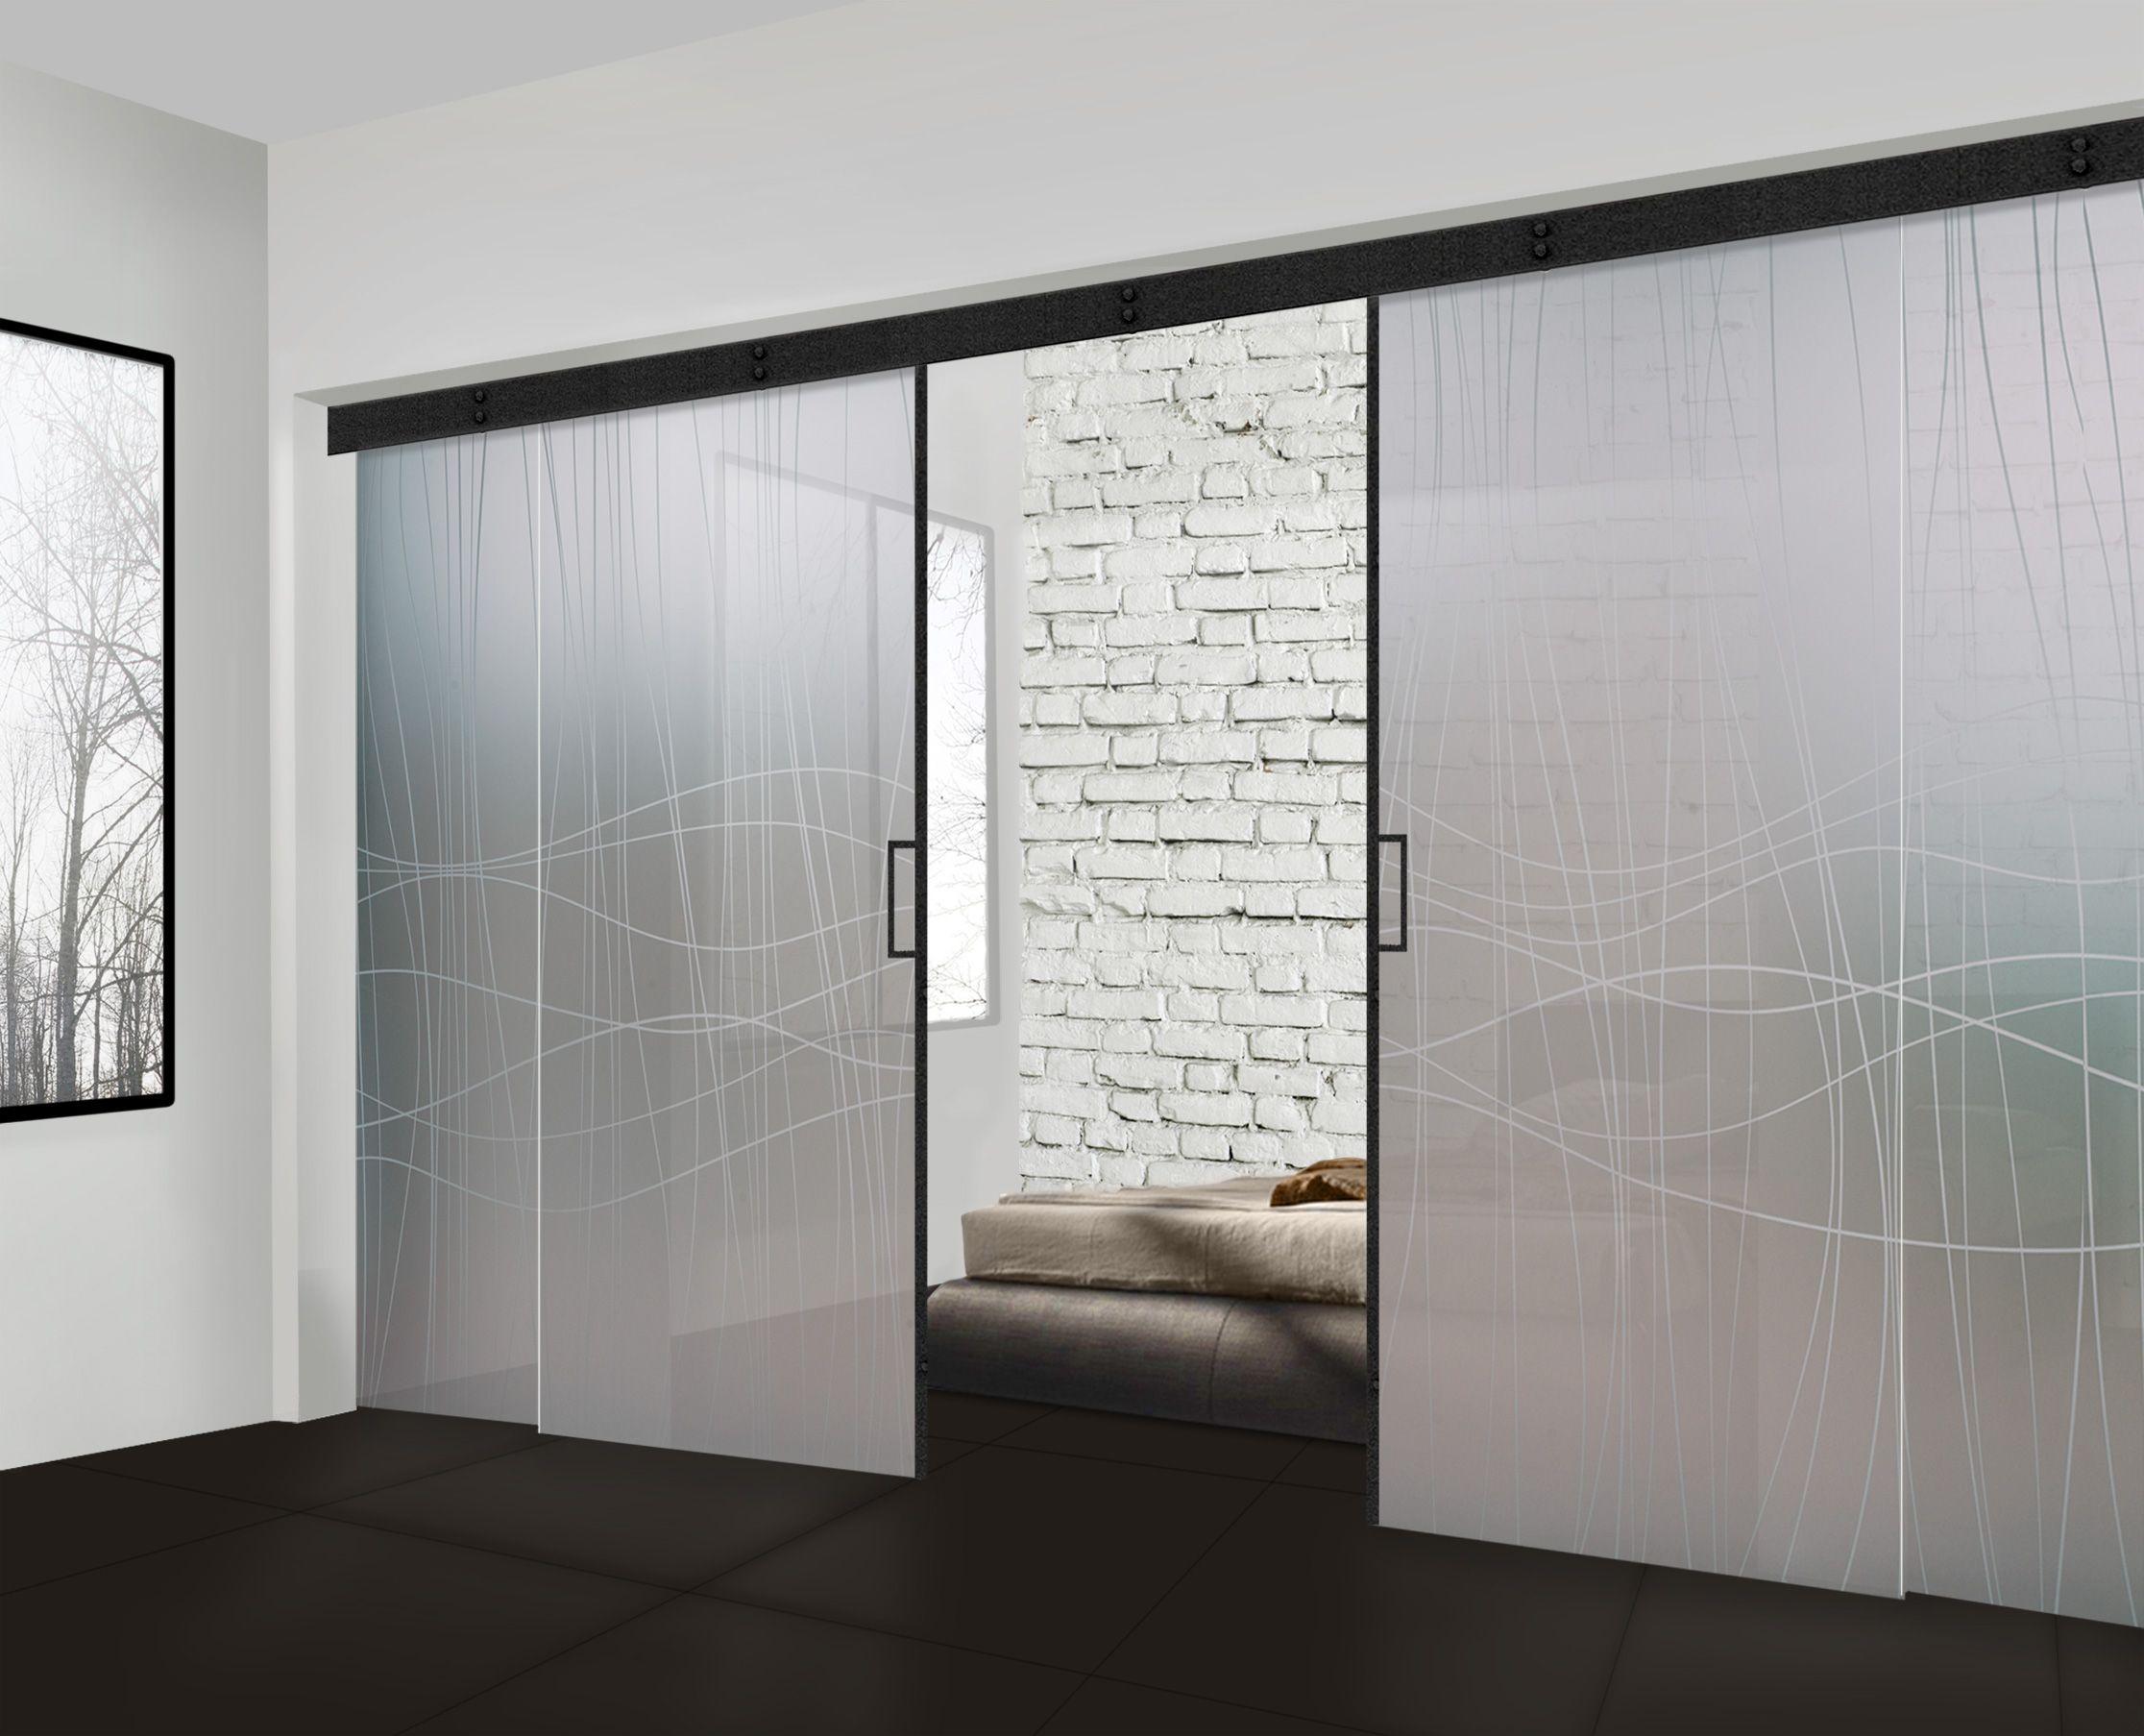 Esencia de vidrieradelcardoner vidrio decorativo for Correderas de vidrio